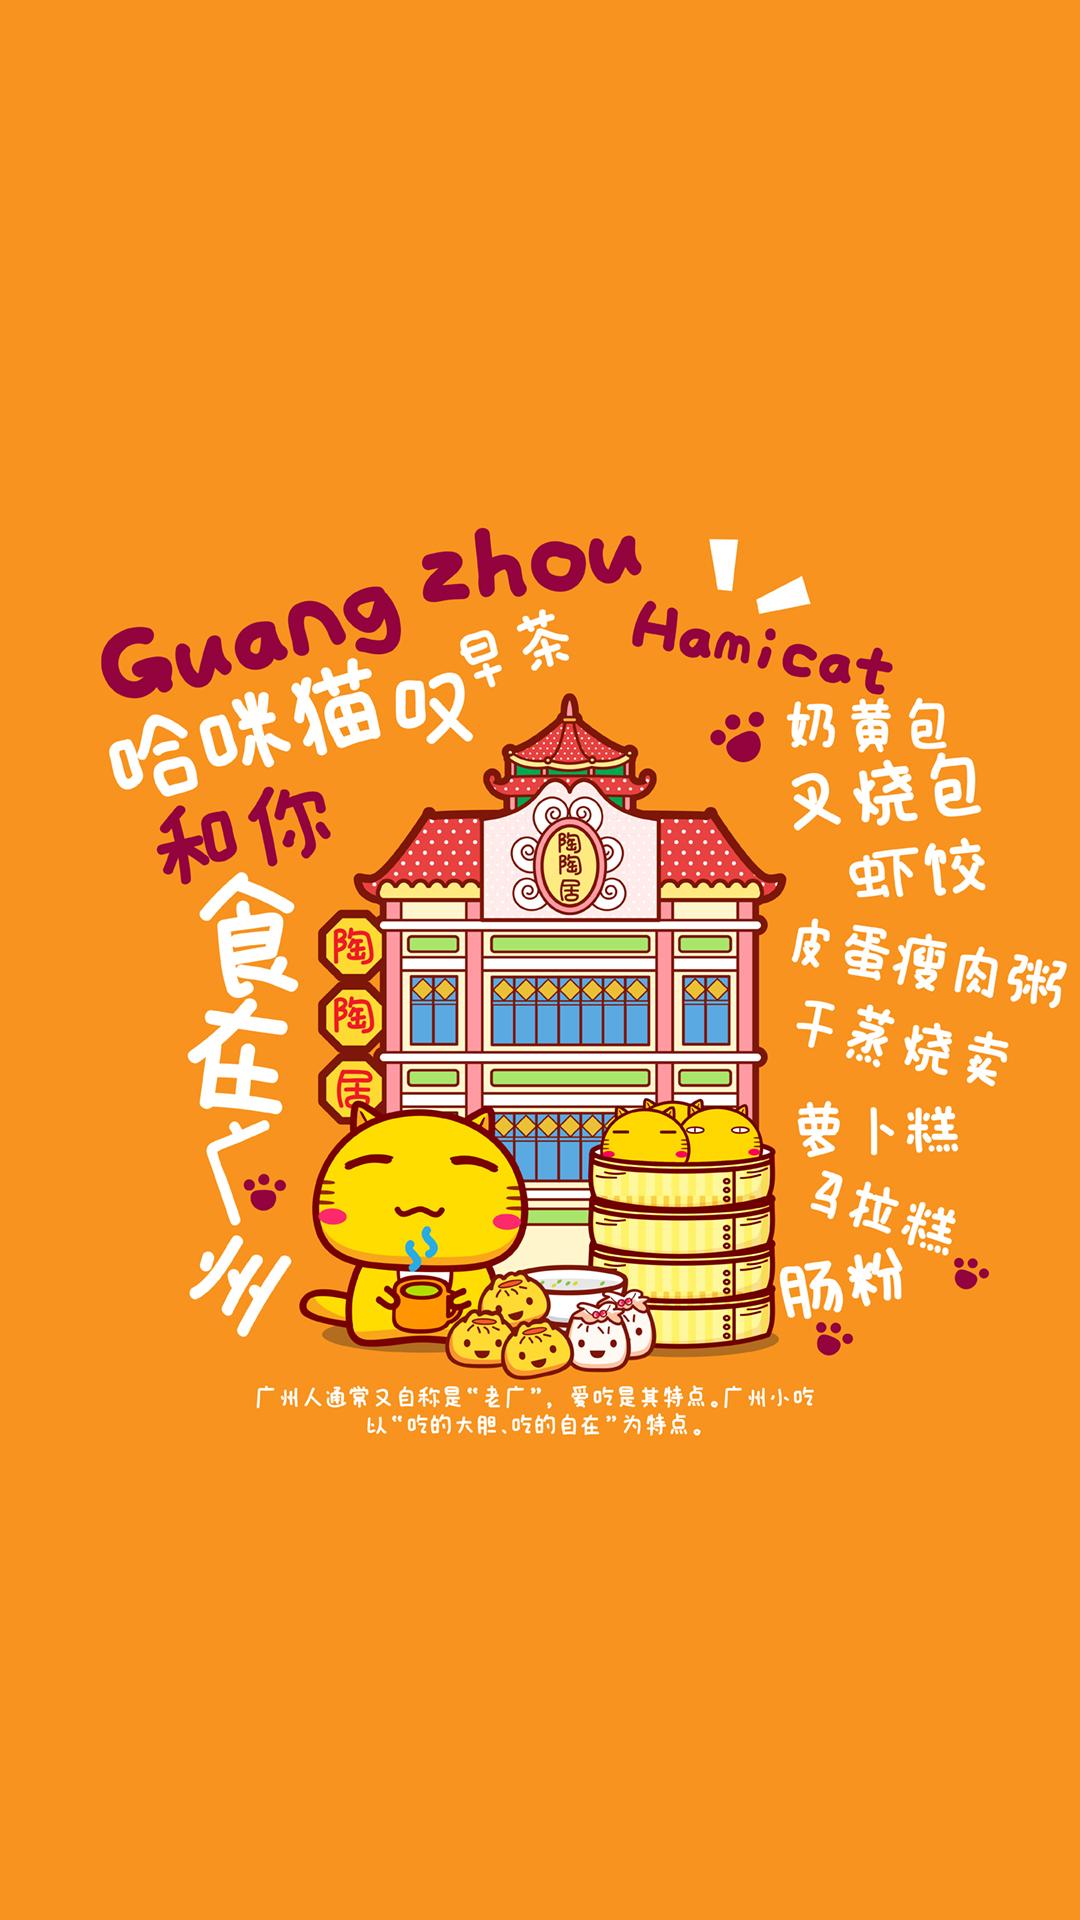 哈咪猫和你玩转广州